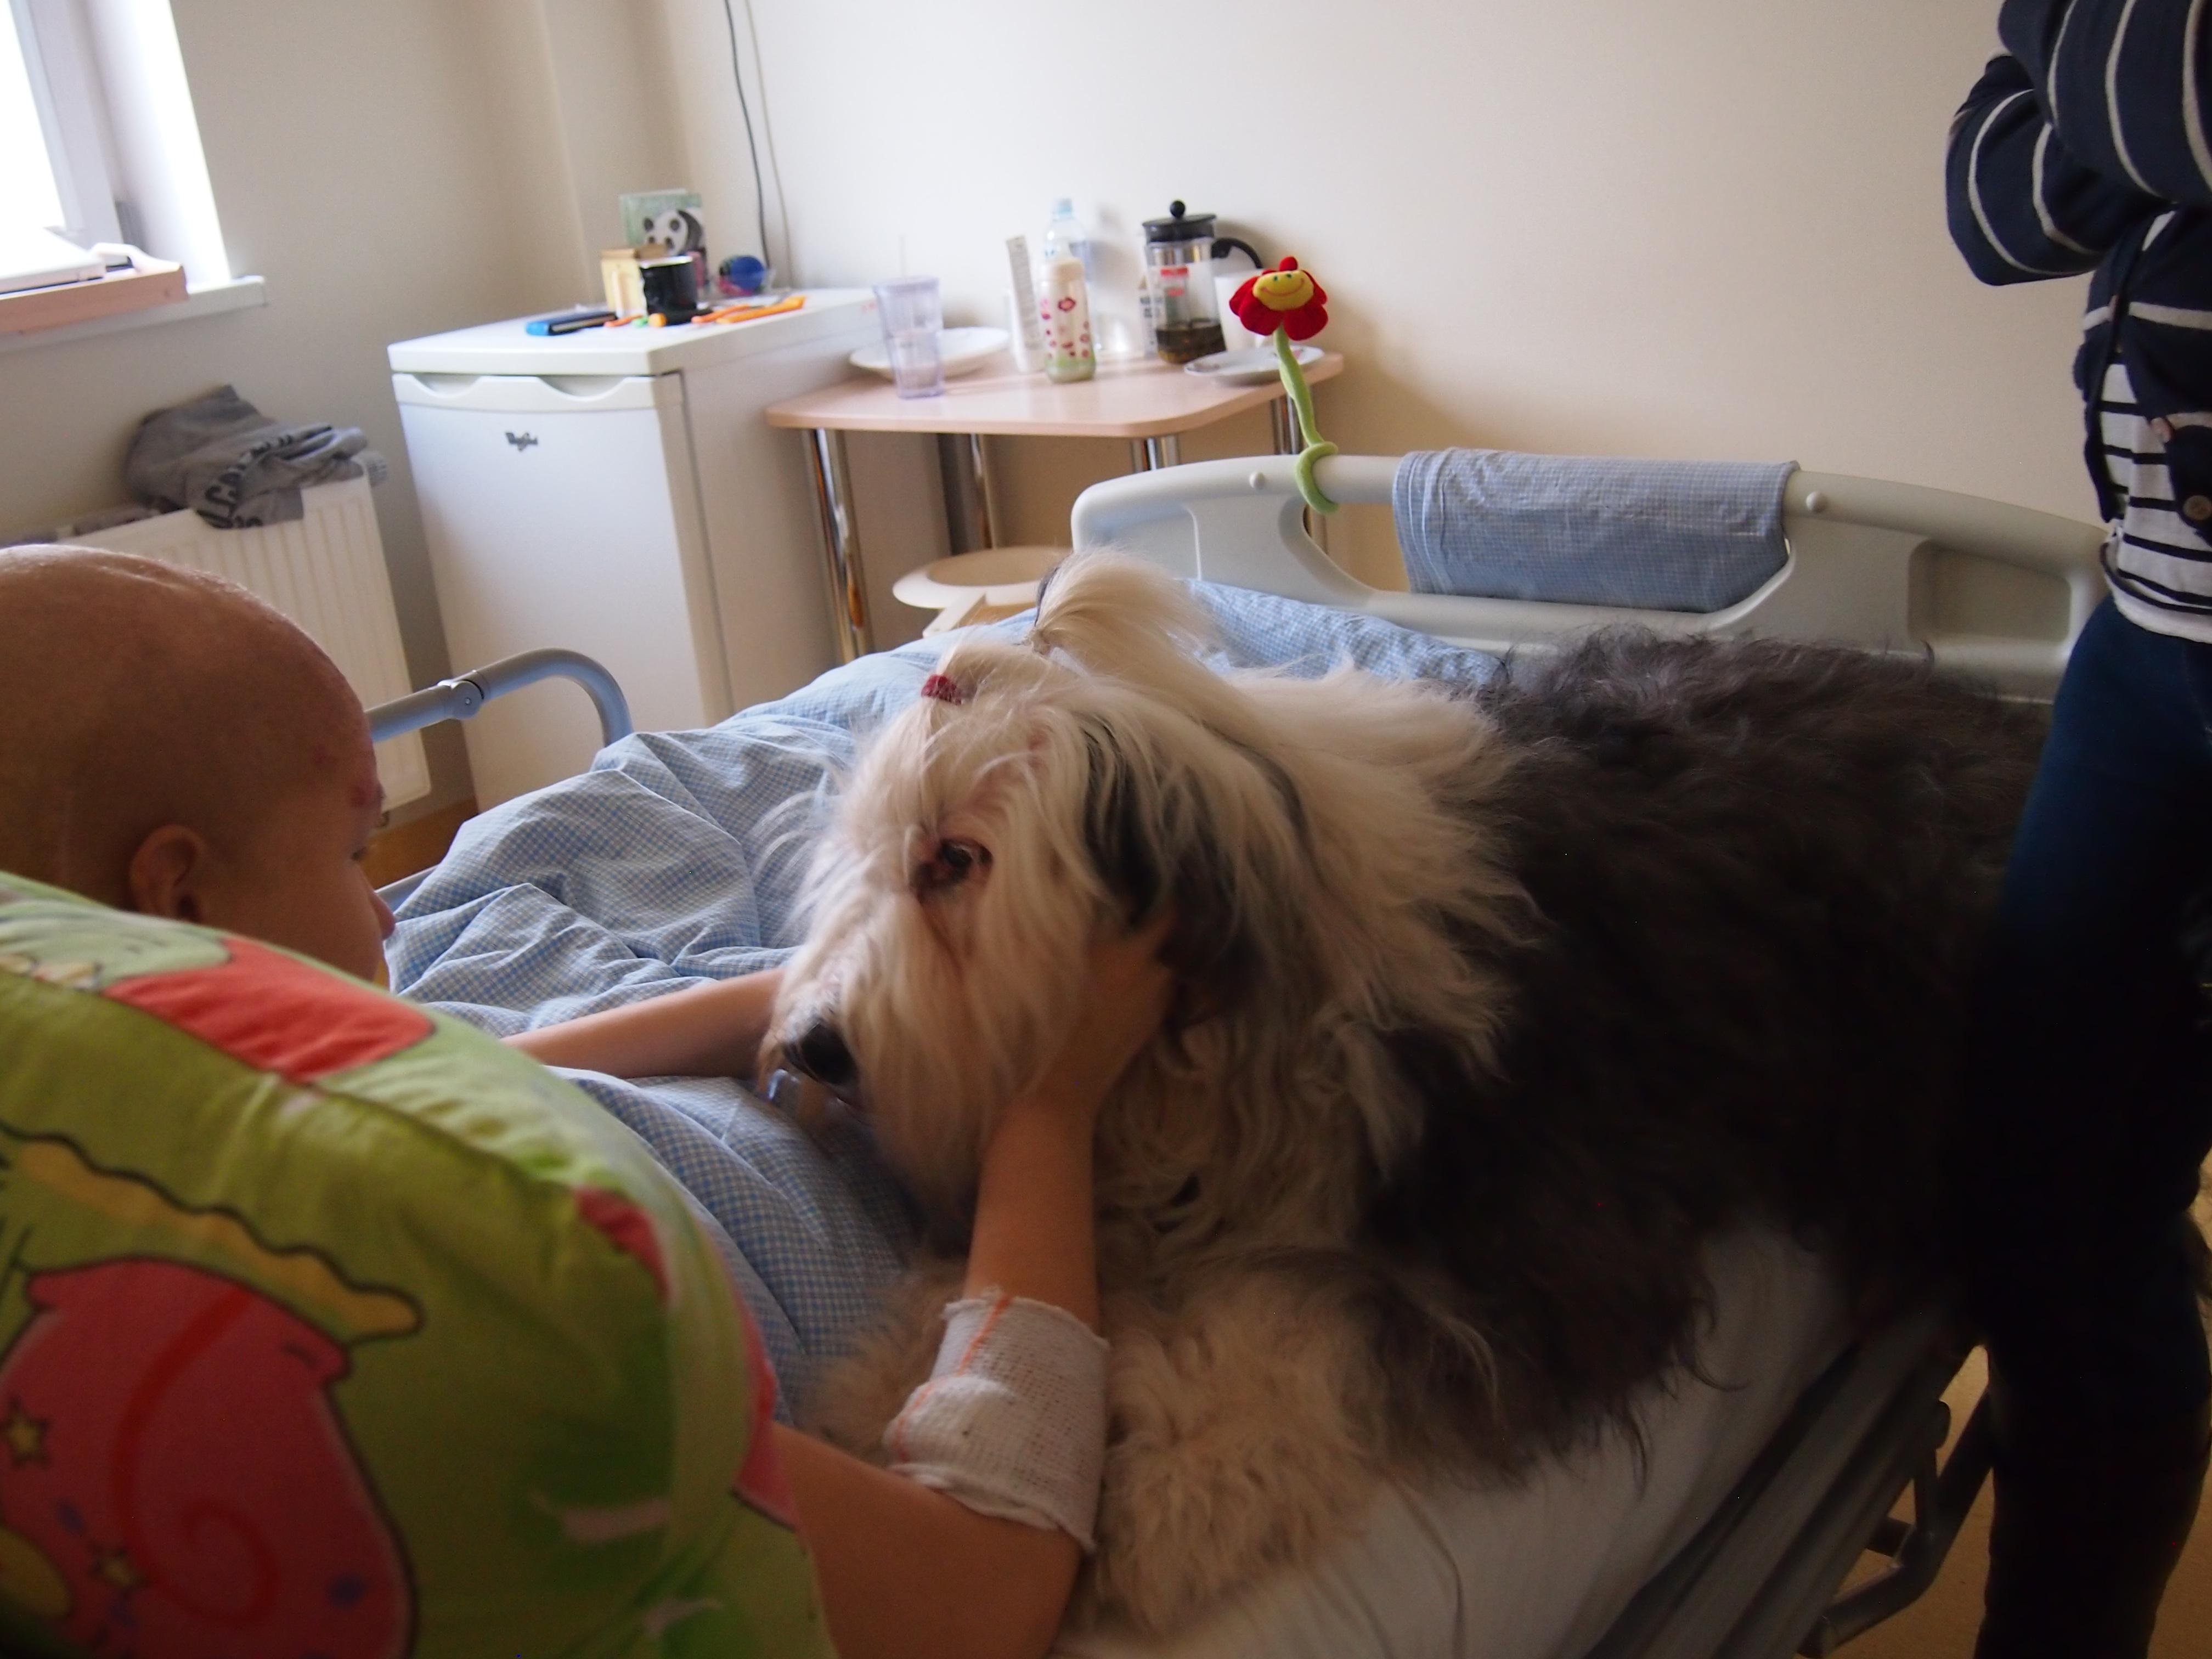 Moksliniais tyrimais įrodyta, kad bendravimas su šunimis, jų glostymas ir stebėjimas teigiamai veikia emocinę žmogaus savijautą. (K. Marcinkevičiūtės nuotr.)